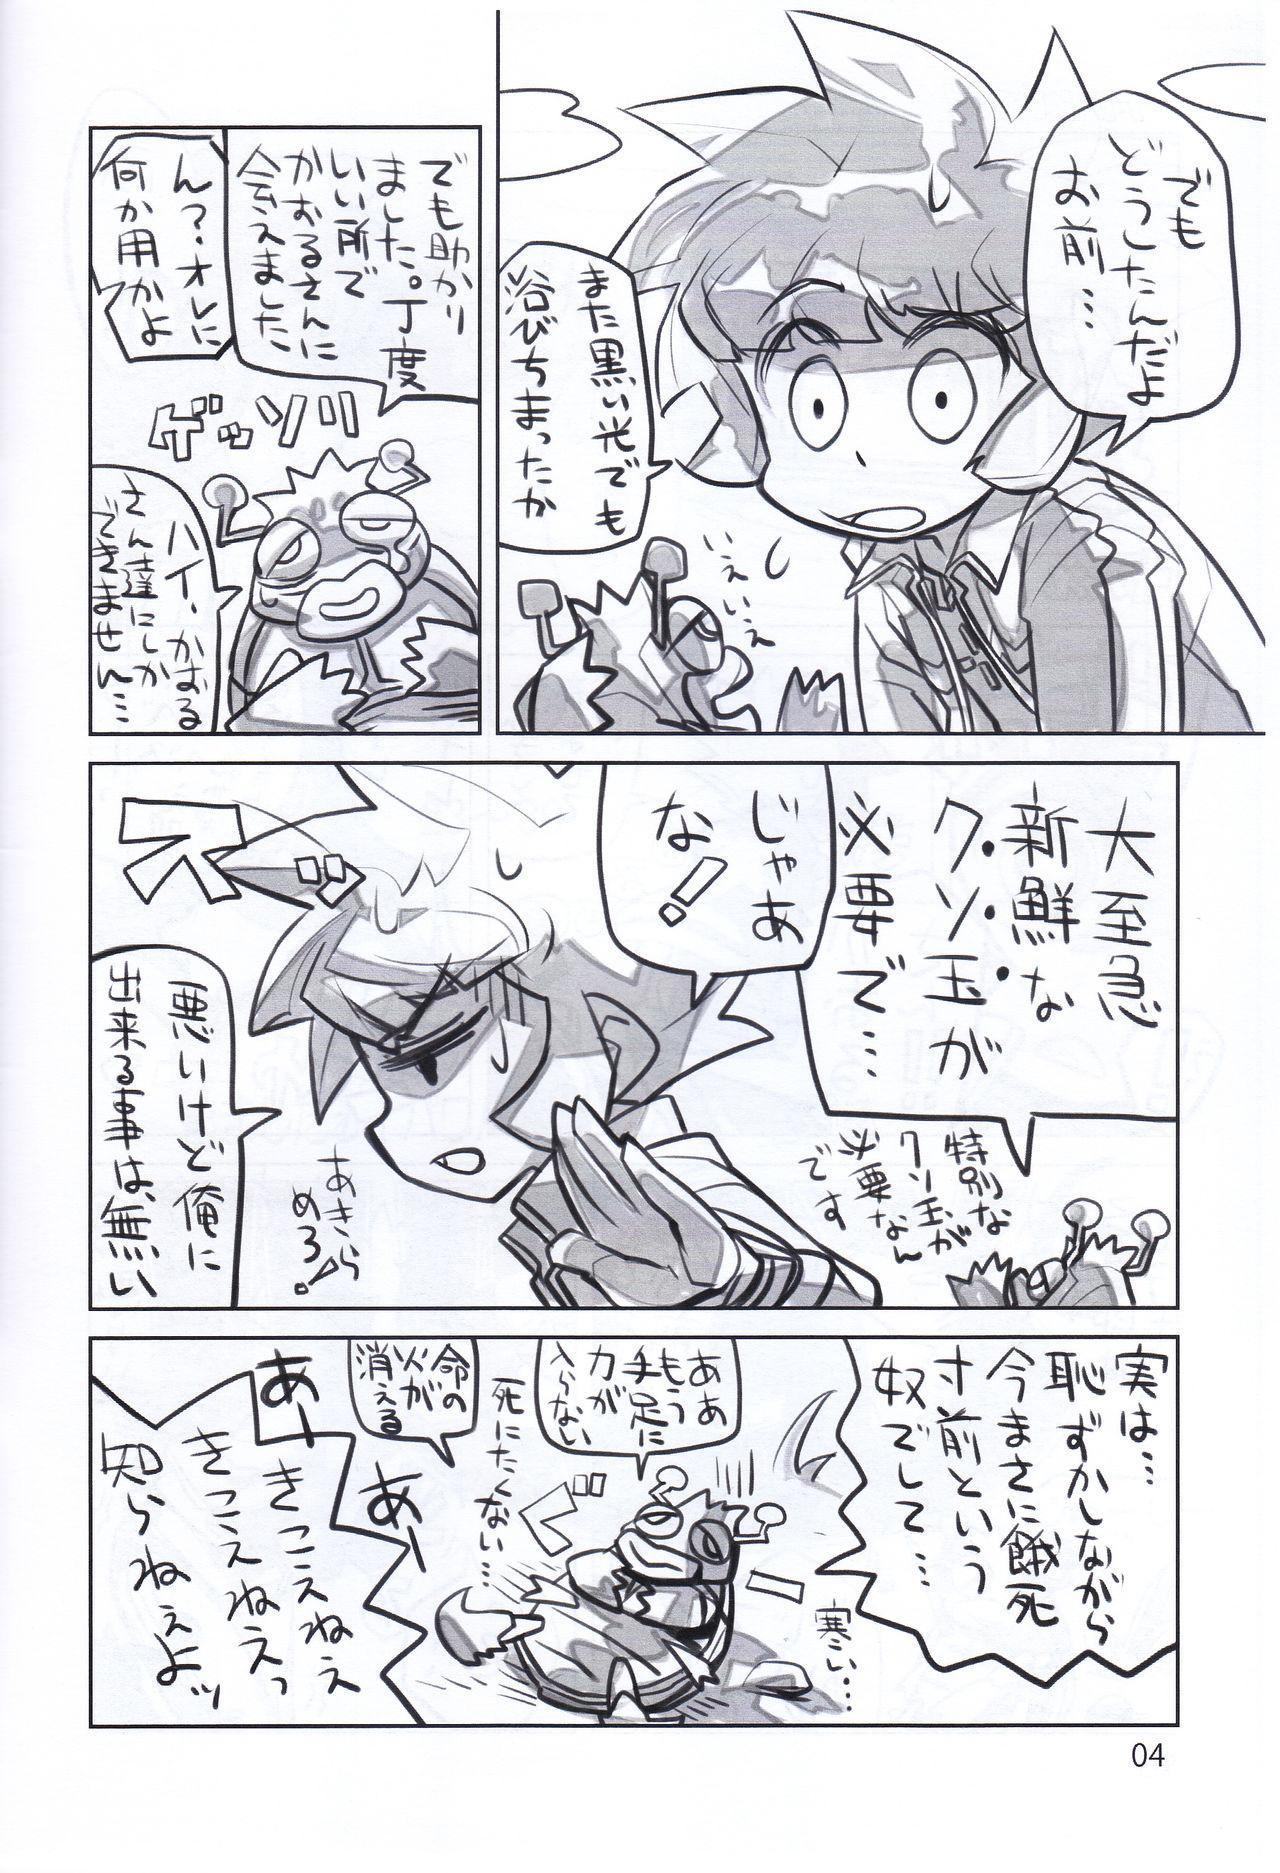 Juicy6 3